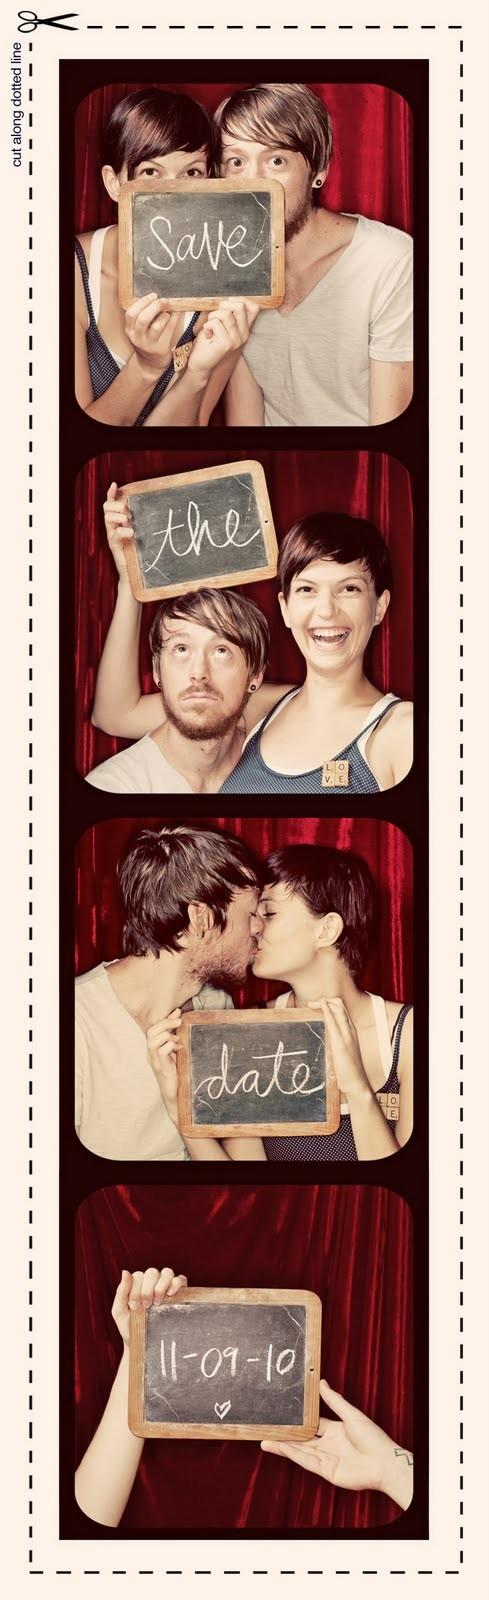 Mariage - La photo de mariage